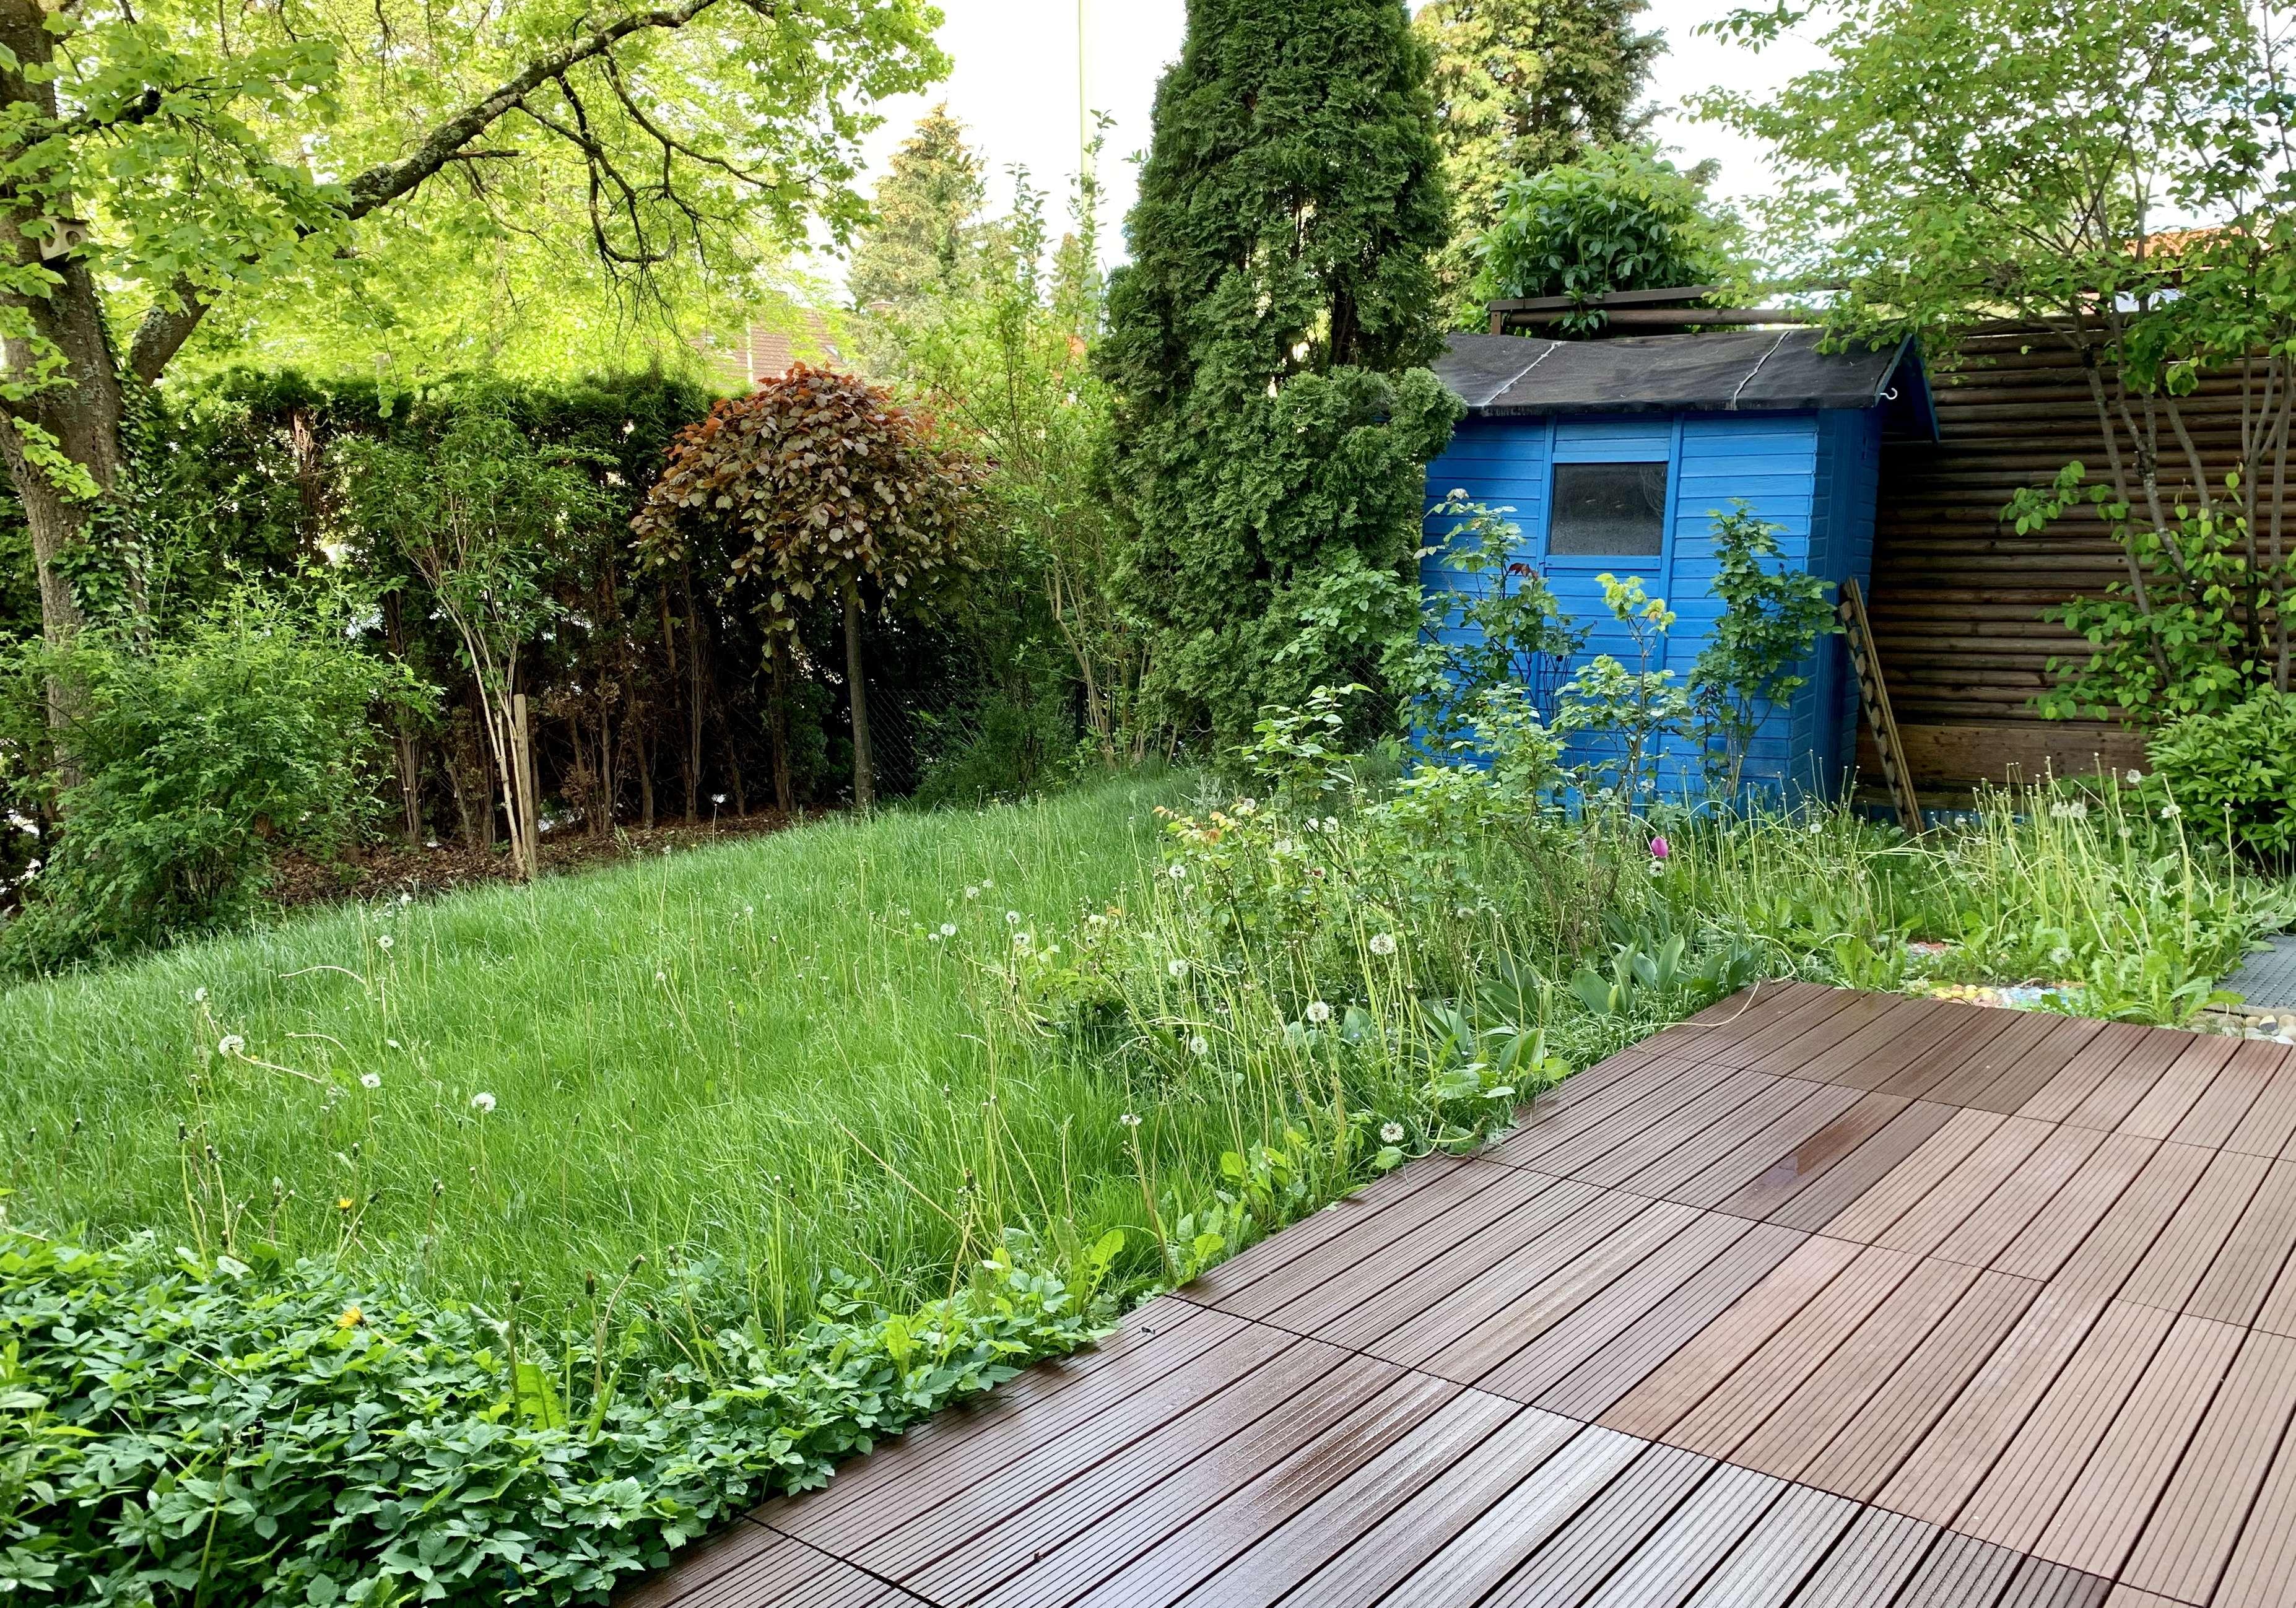 Gemütliche Gartenwohnung wartet auf ihren neuen Mieter